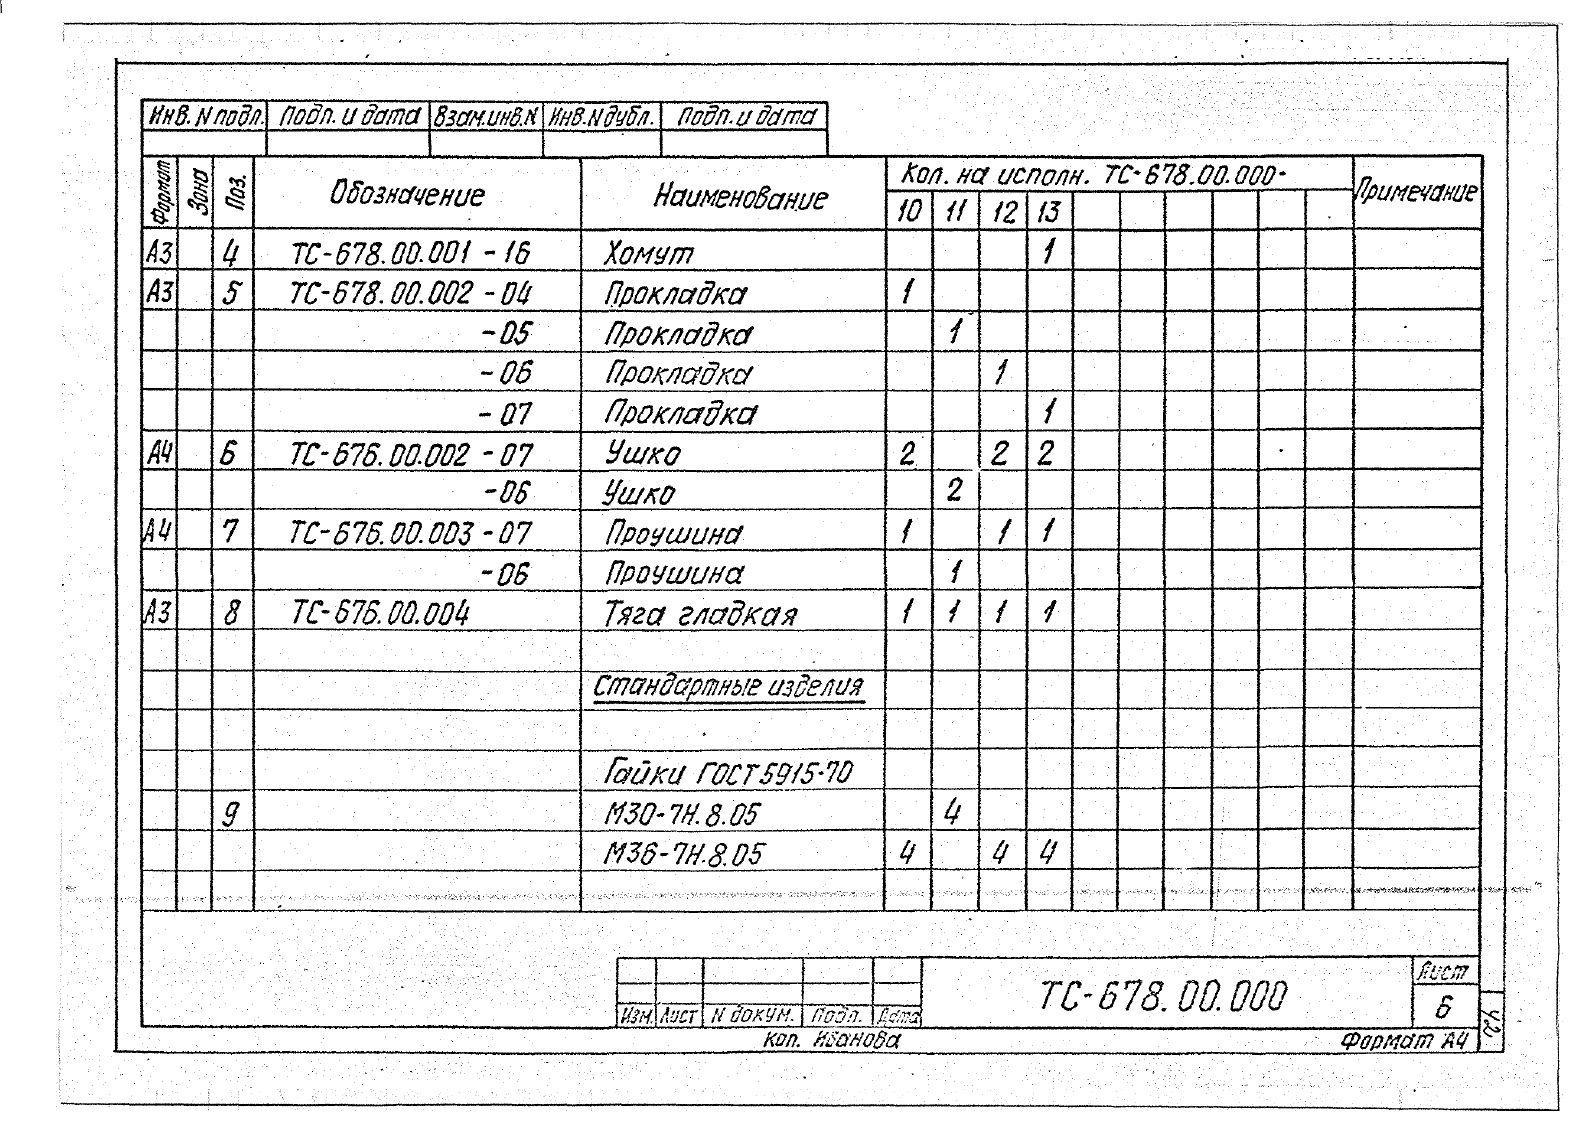 Подвески жесткие Дн 273-630 ТС-678 с.5.903-13 вып.6-95 стр.9